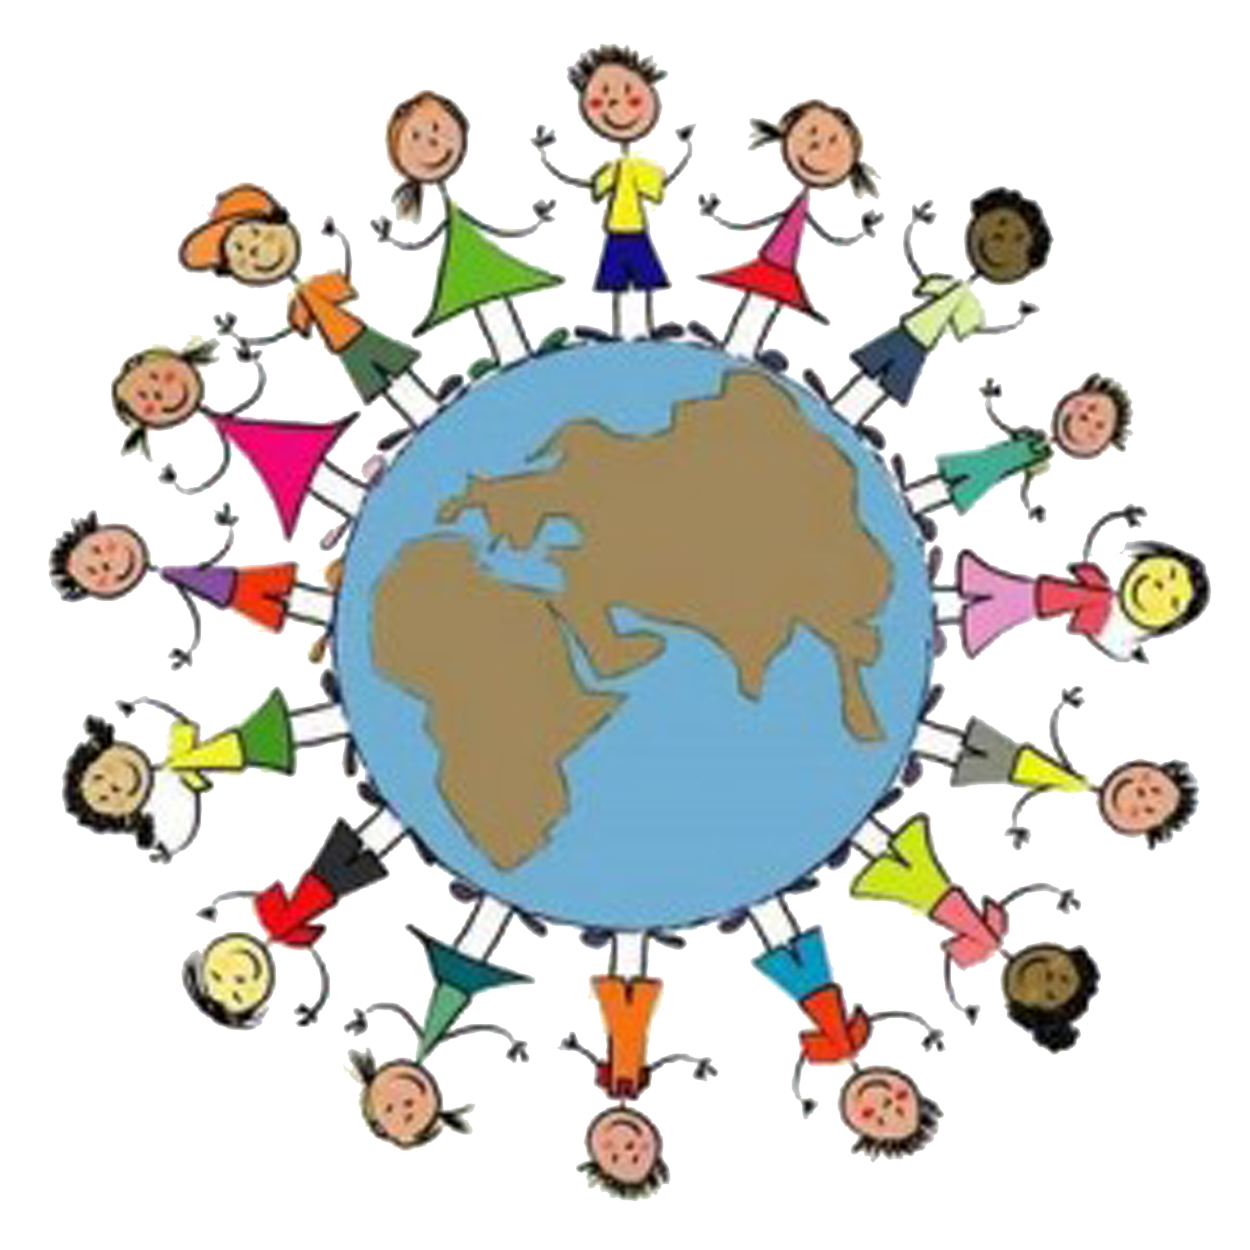 Demokrasi Diskriminasi Dan Toleransi Semua Ada Di Sini Halaman All Kompasiana Com